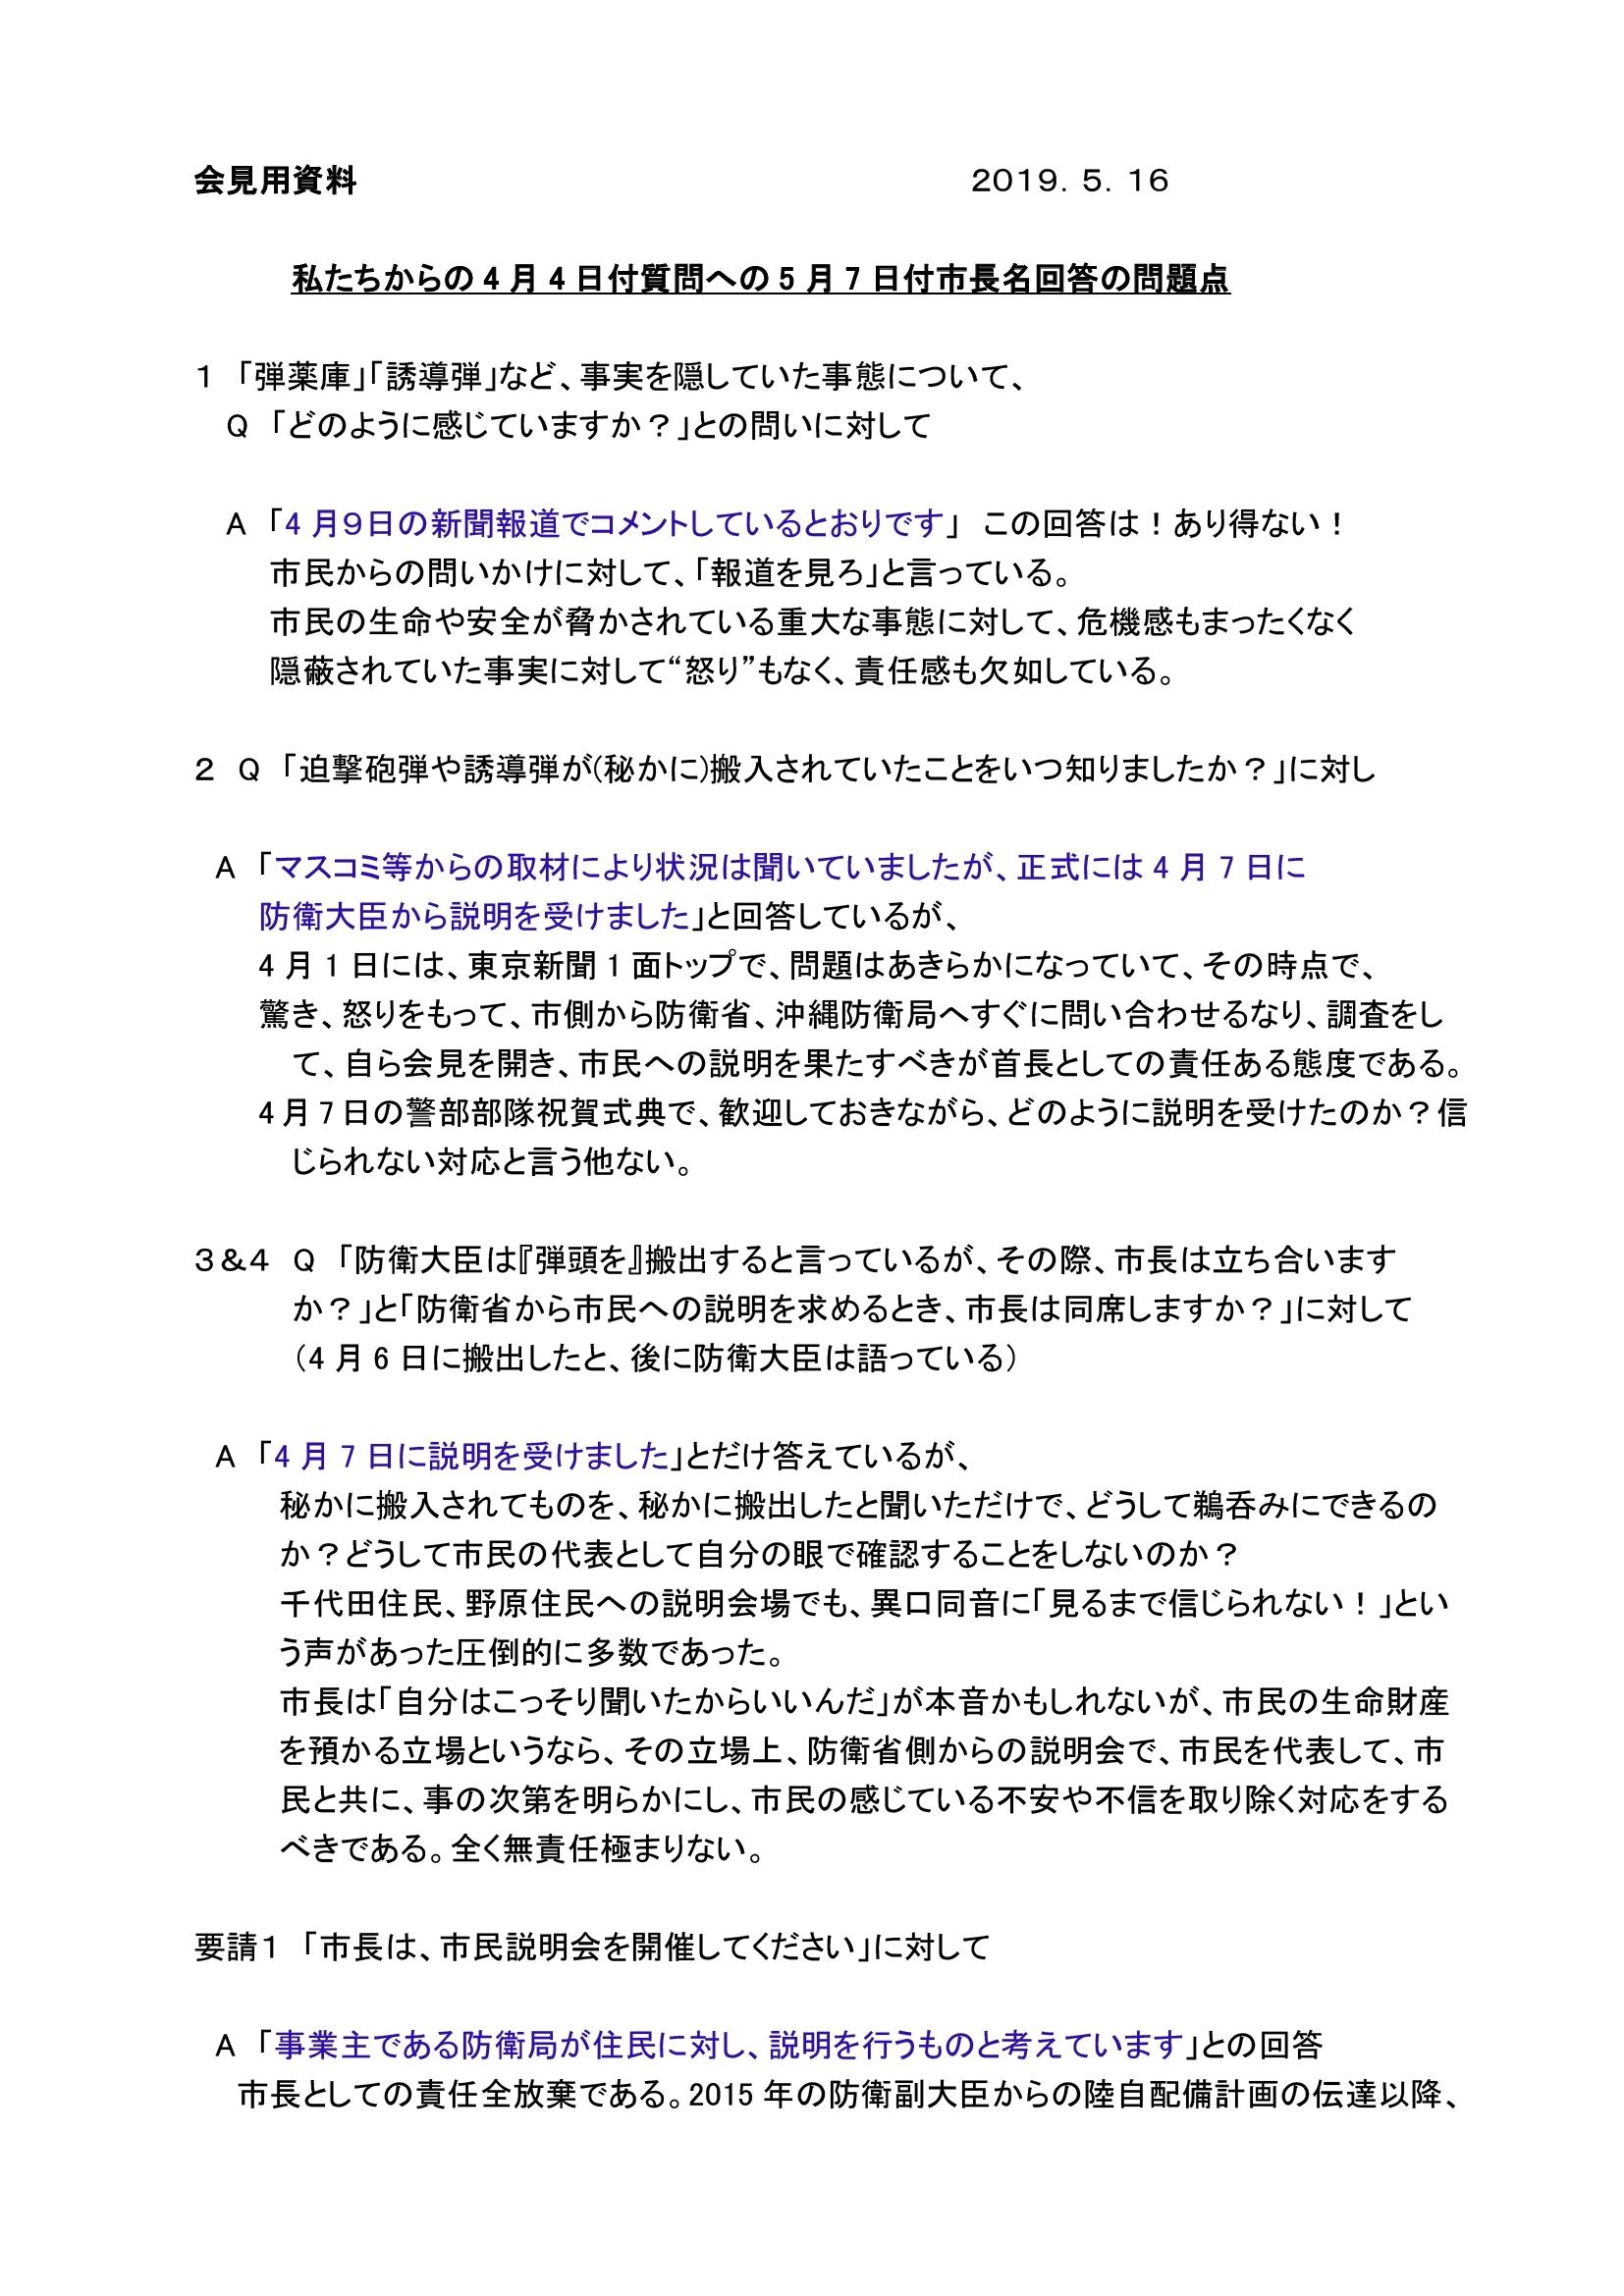 0516会見用資料【市長回答について)0001